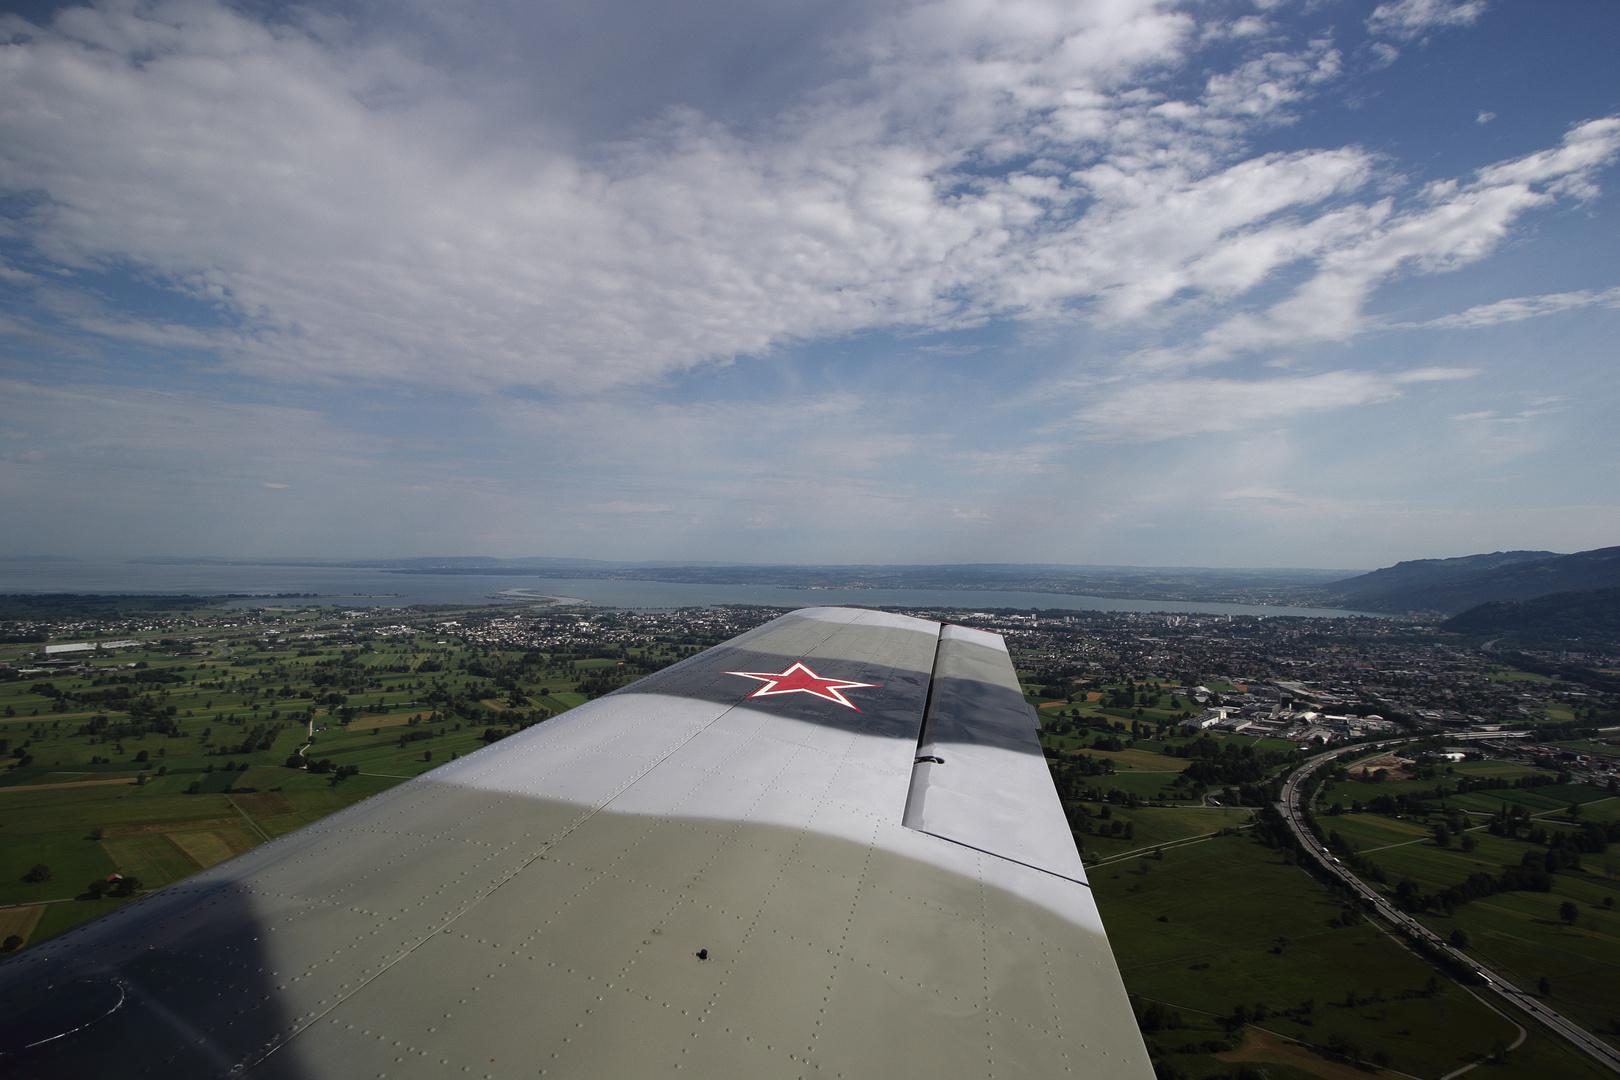 der Bodensee - YAK 52 Flug nach Hohenems 7 7 17